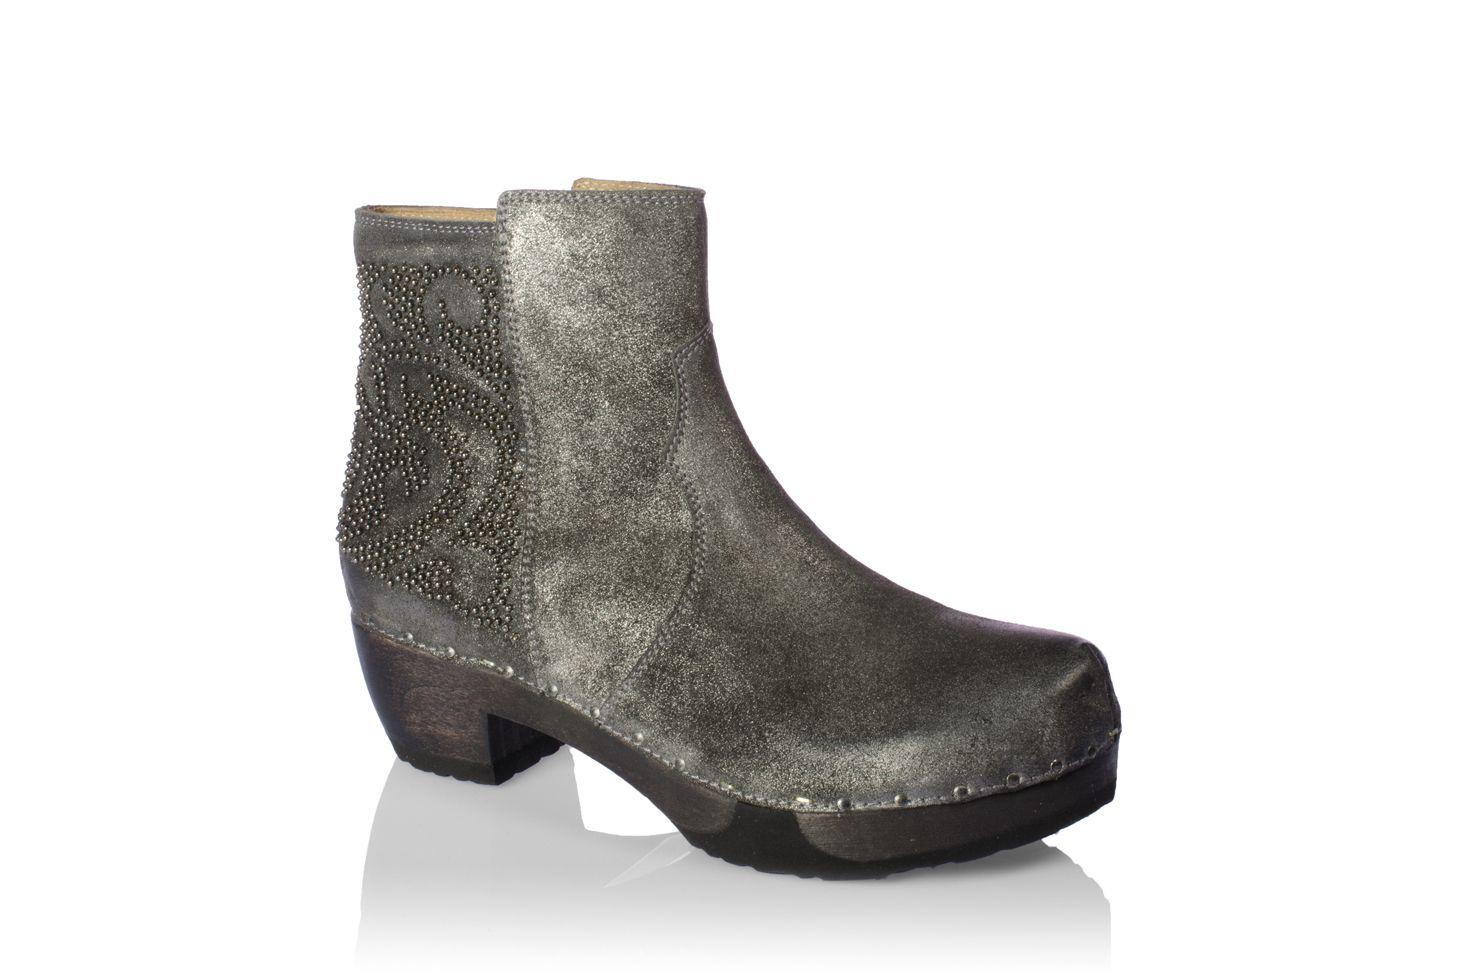 Jayda Suede Polvere Granit – Prägnant sind die Nieten, die in barockem Muster aufgebracht sind. Der angesagte Metallic-Effekt entsteht durch ein aufwendig auf das Leder aufgetragene Glanzfinish. Und gute Manieren hat es auch: der 4,5-cm-Absatz und die weiche, flexible Sohle sind ganz lieb zu den Füßen.